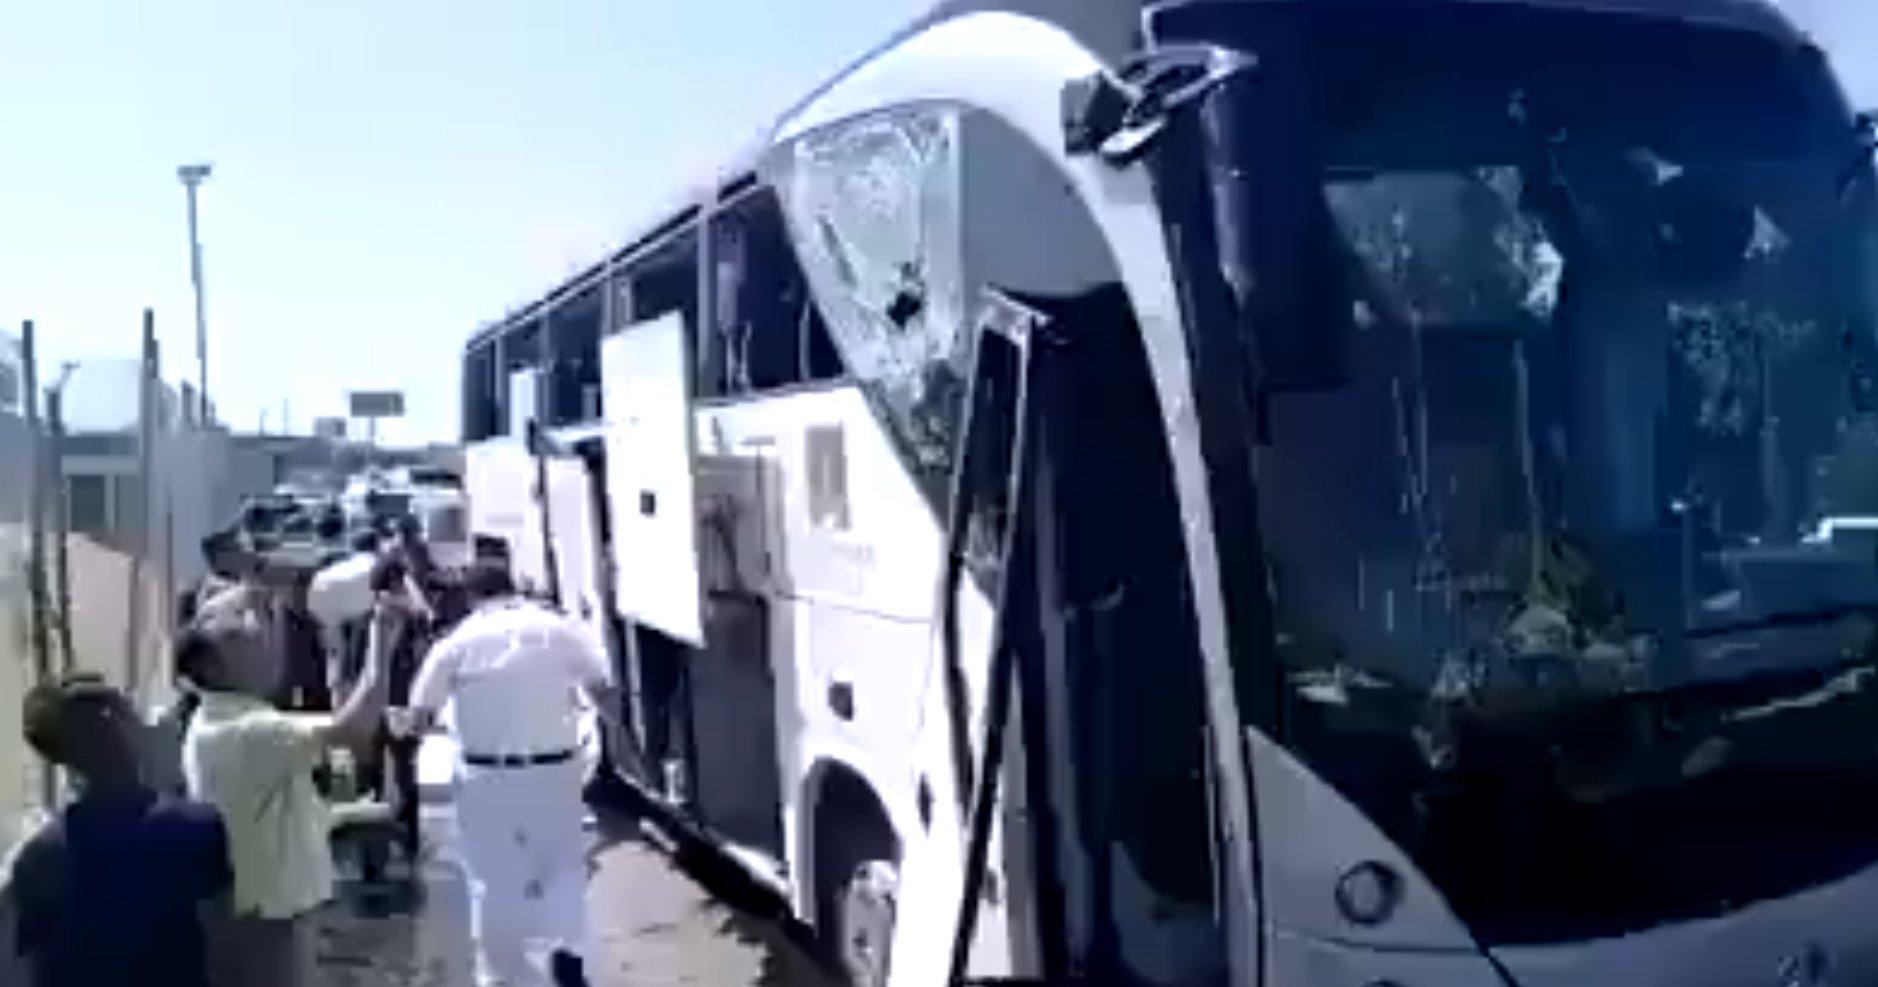 explosicio bus turistic Caire Arab News